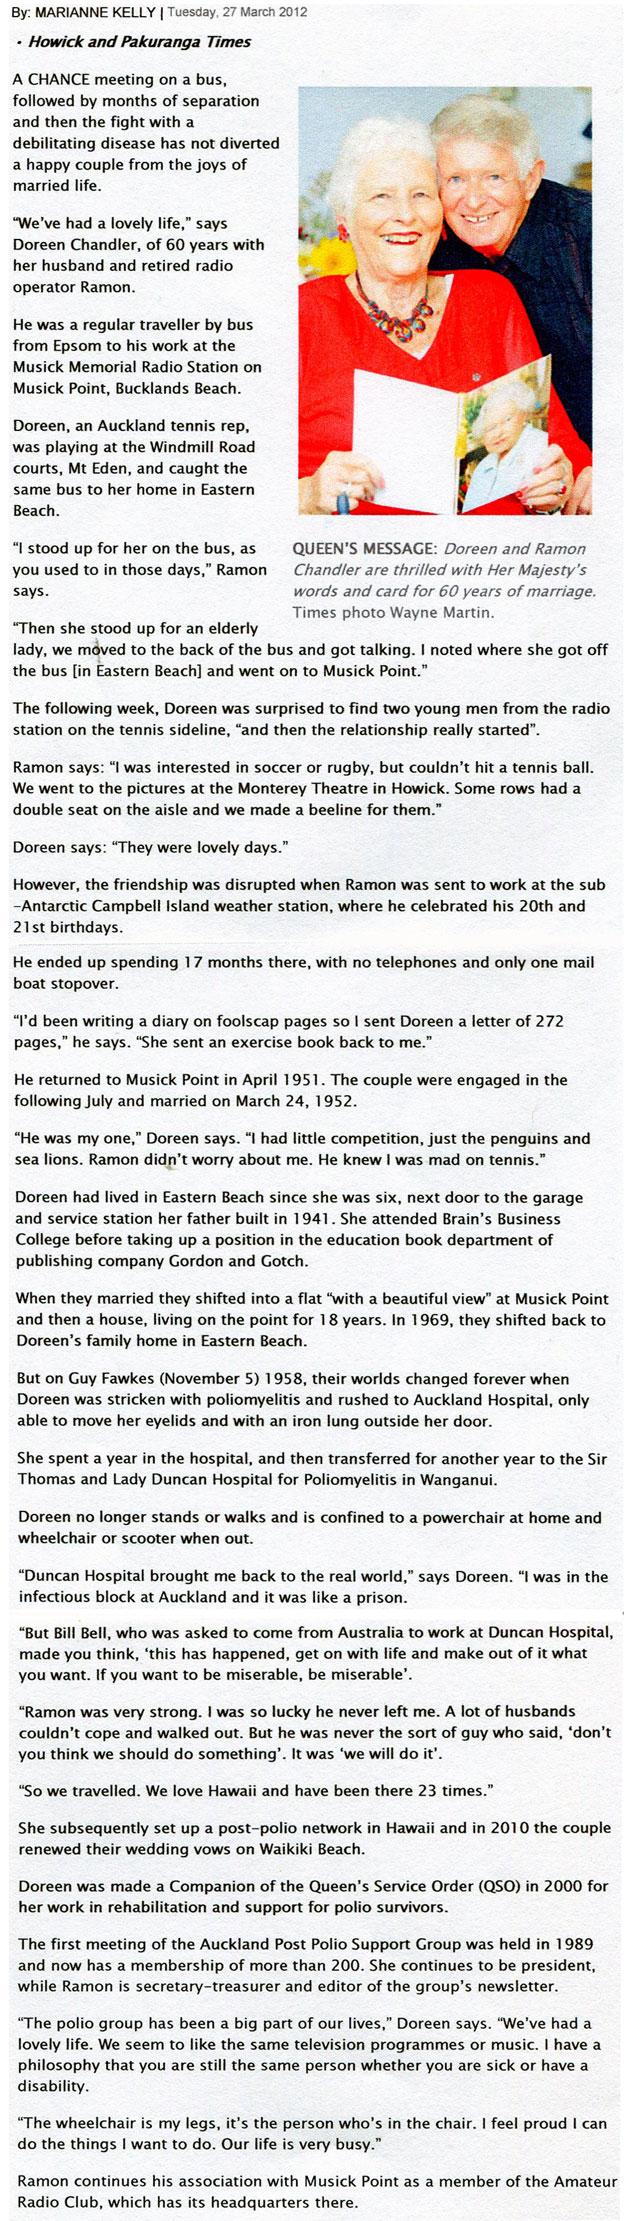 Raymon and Doreen Chandler celebrate 60th anniversary